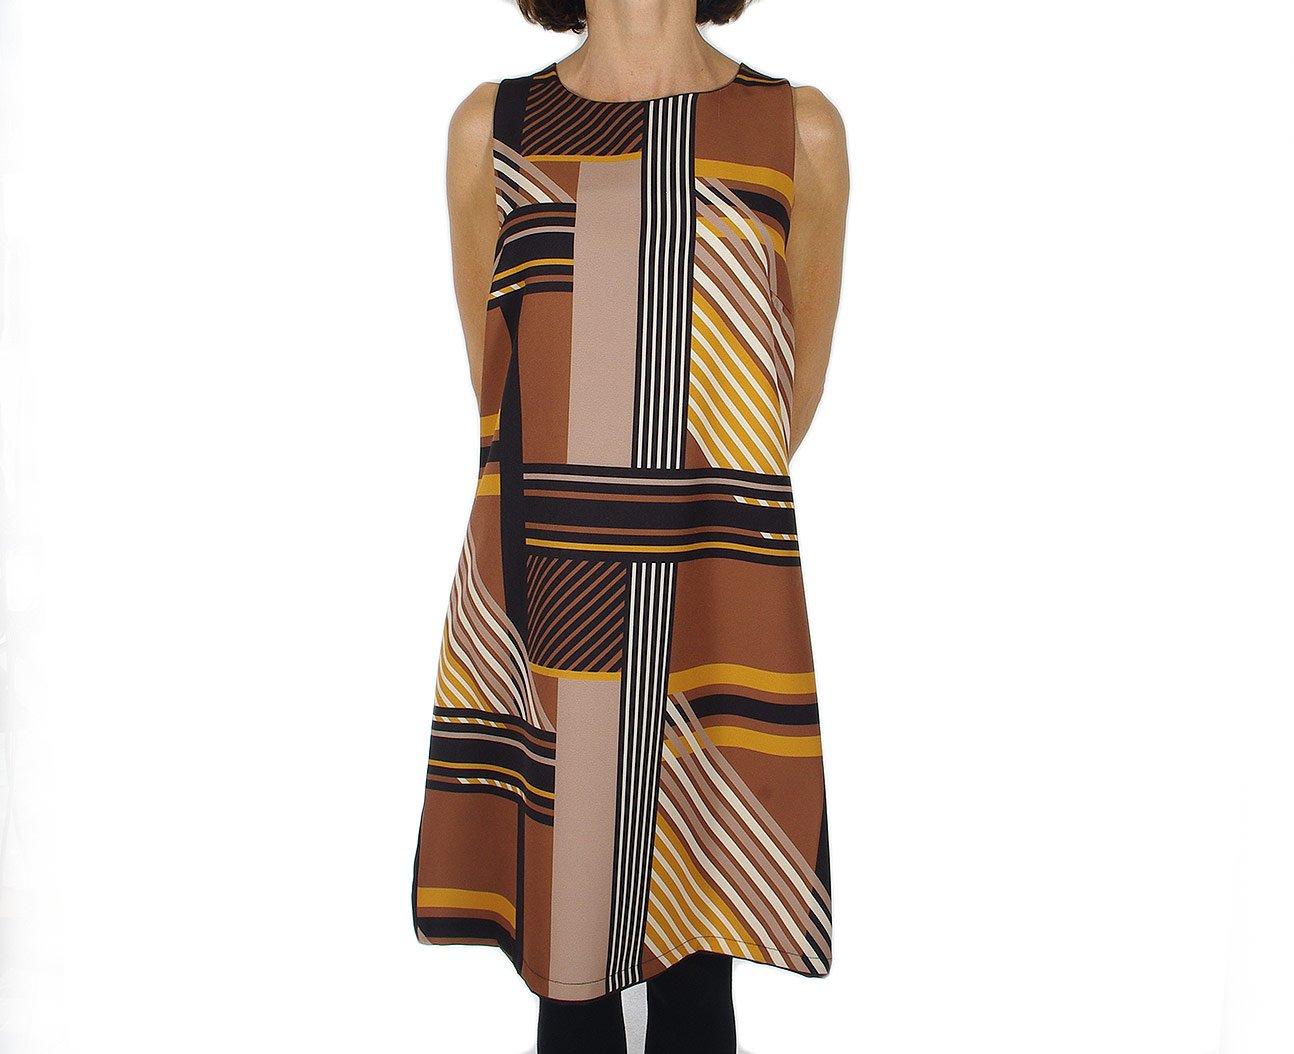 Rinascimento 16140 sukienka abito intero nero/senape